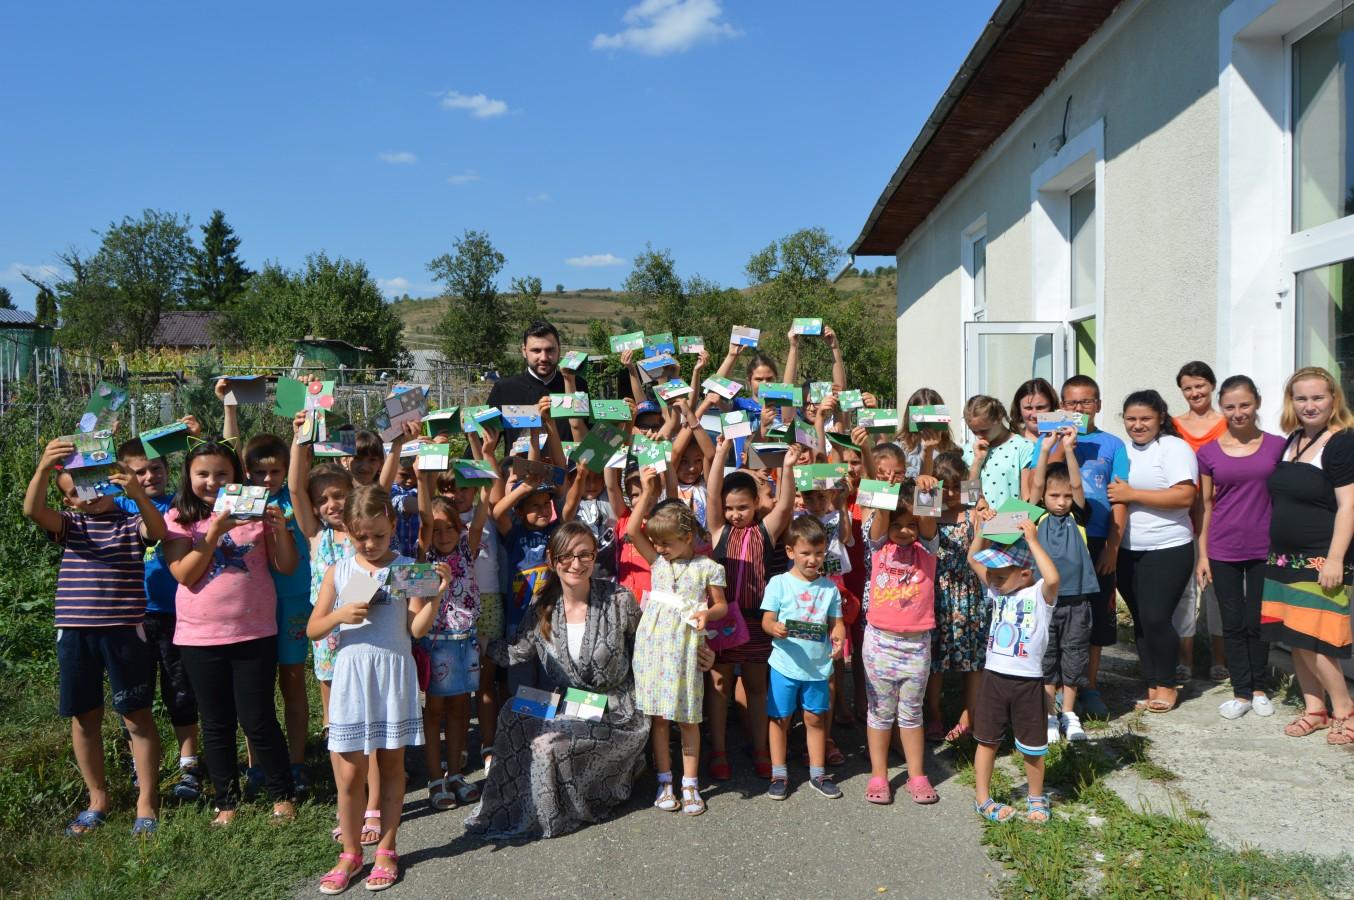 40 de copii din Parohia Ortodoxă Dumbrăveni au confecționat felicitări pentru cei dragi